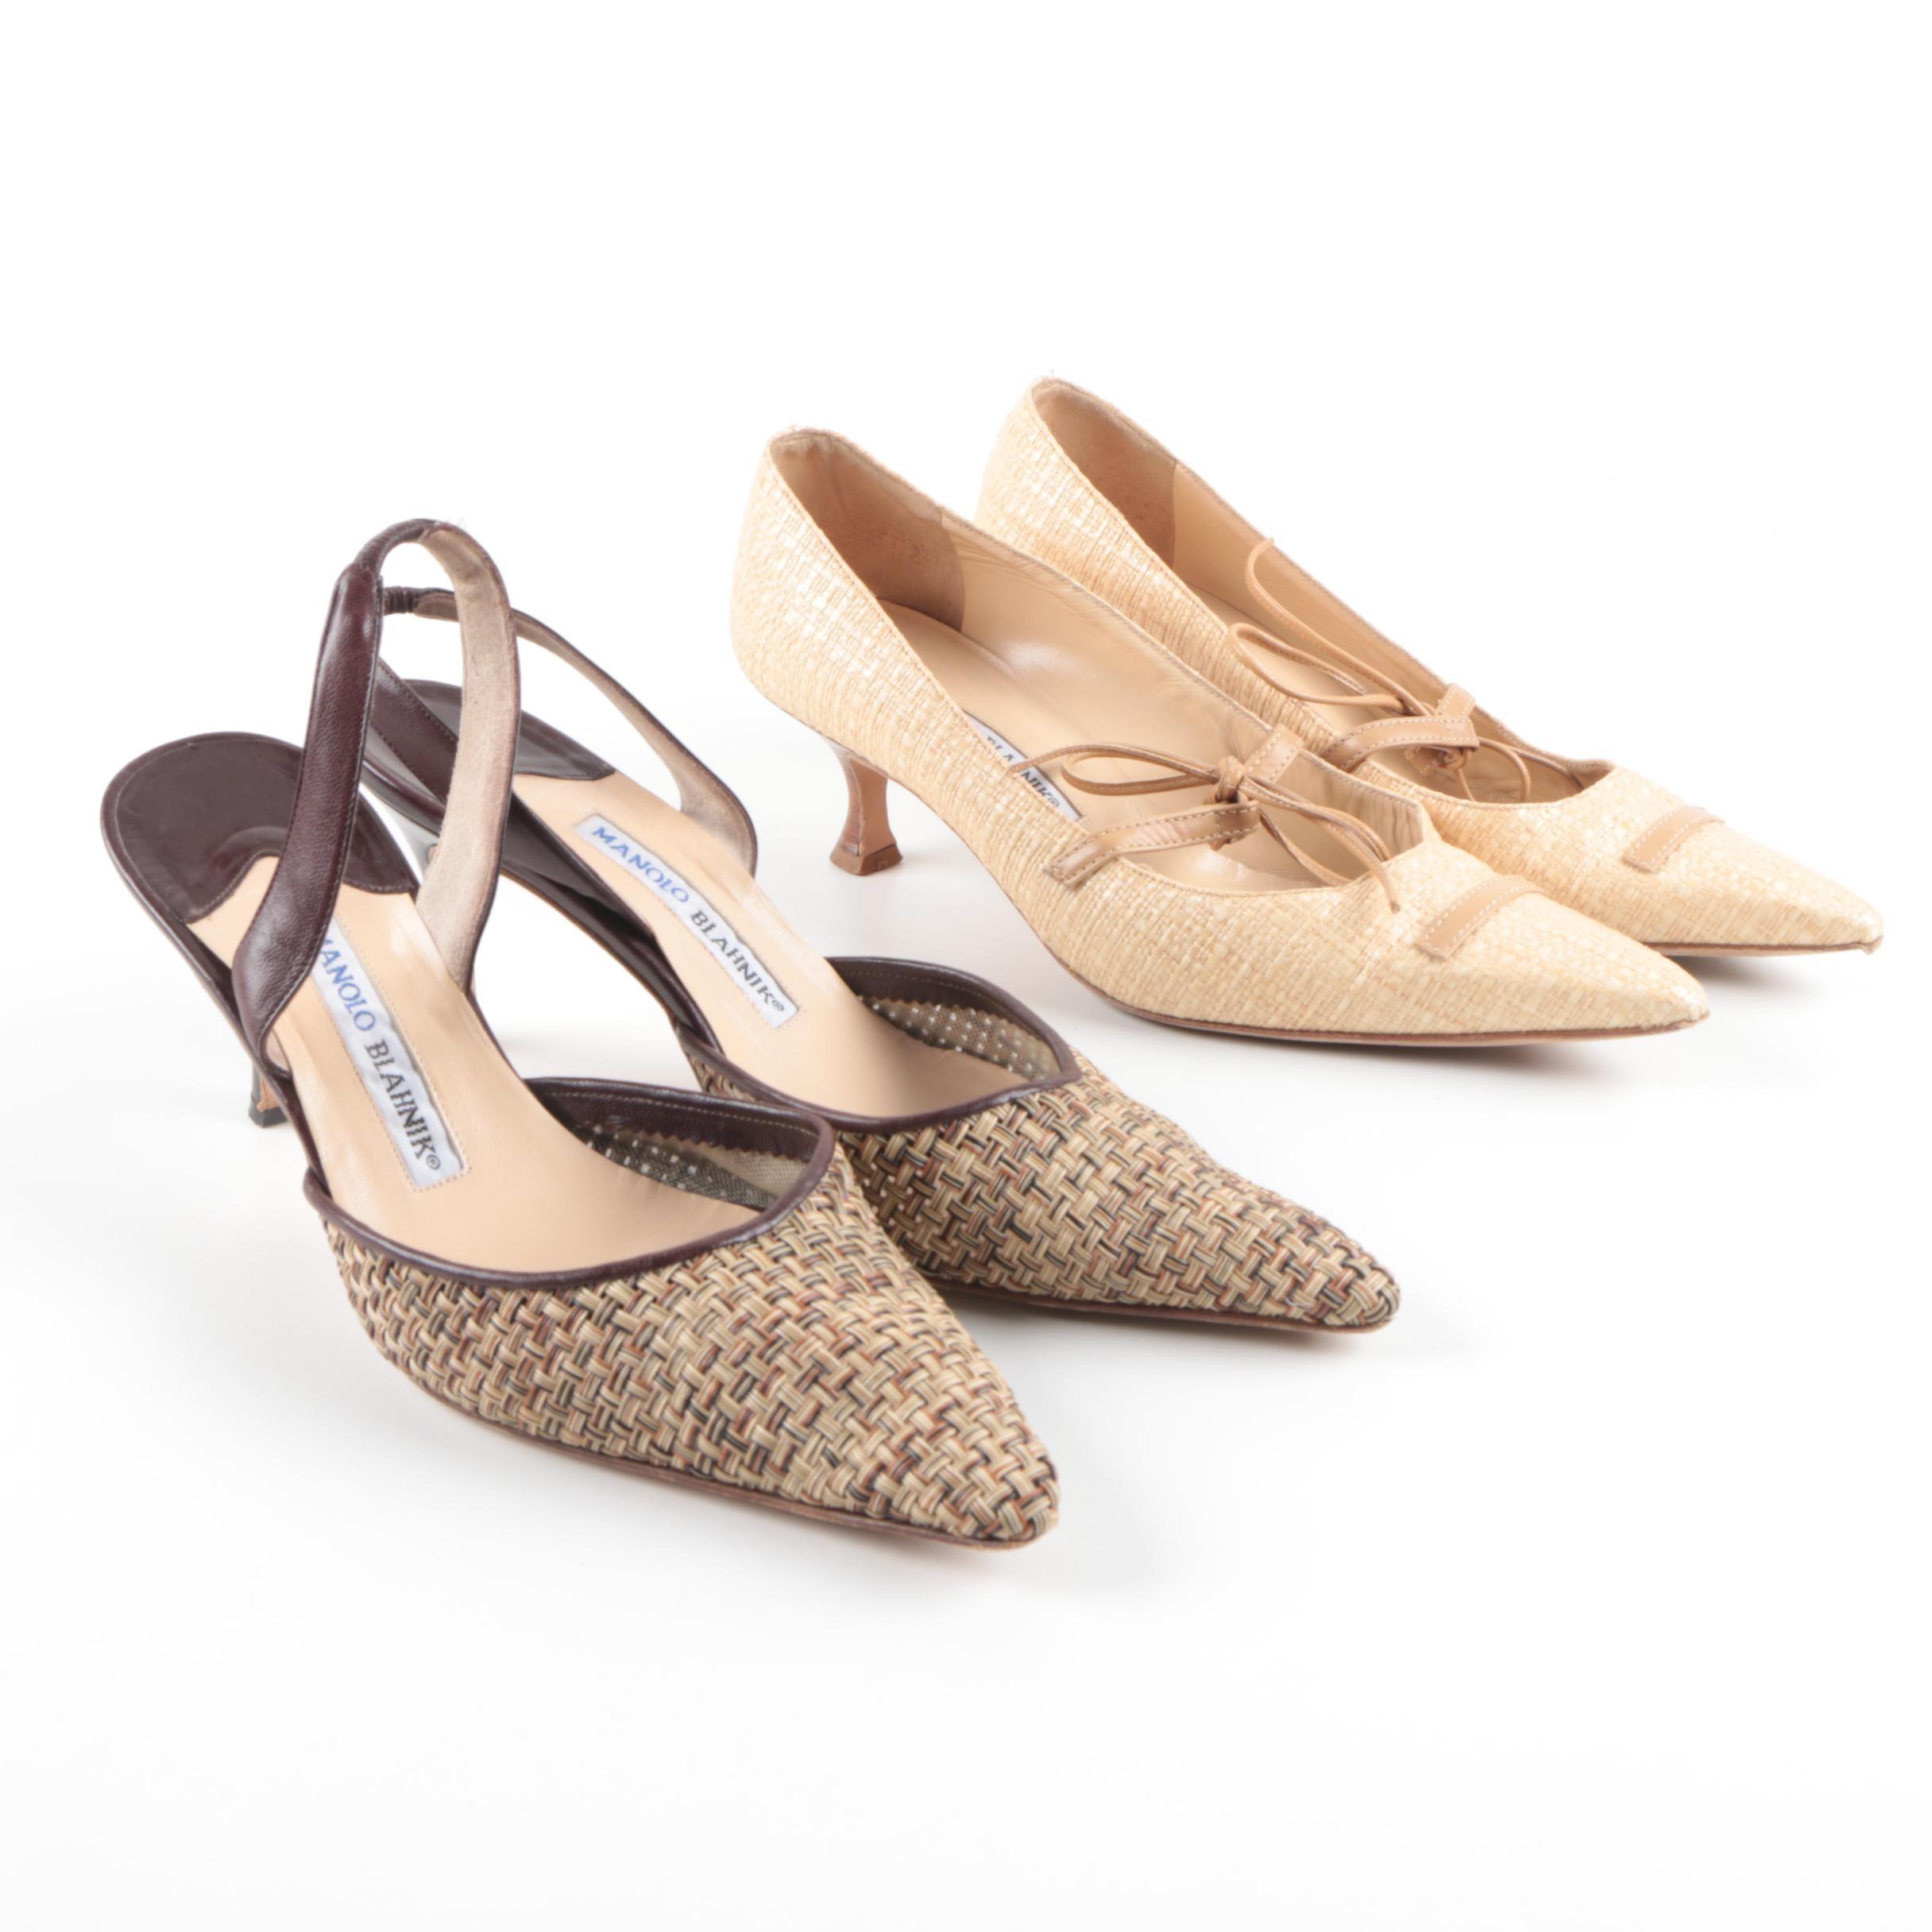 Women's Manolo Blahnik Leather and Raffia-Style Heels